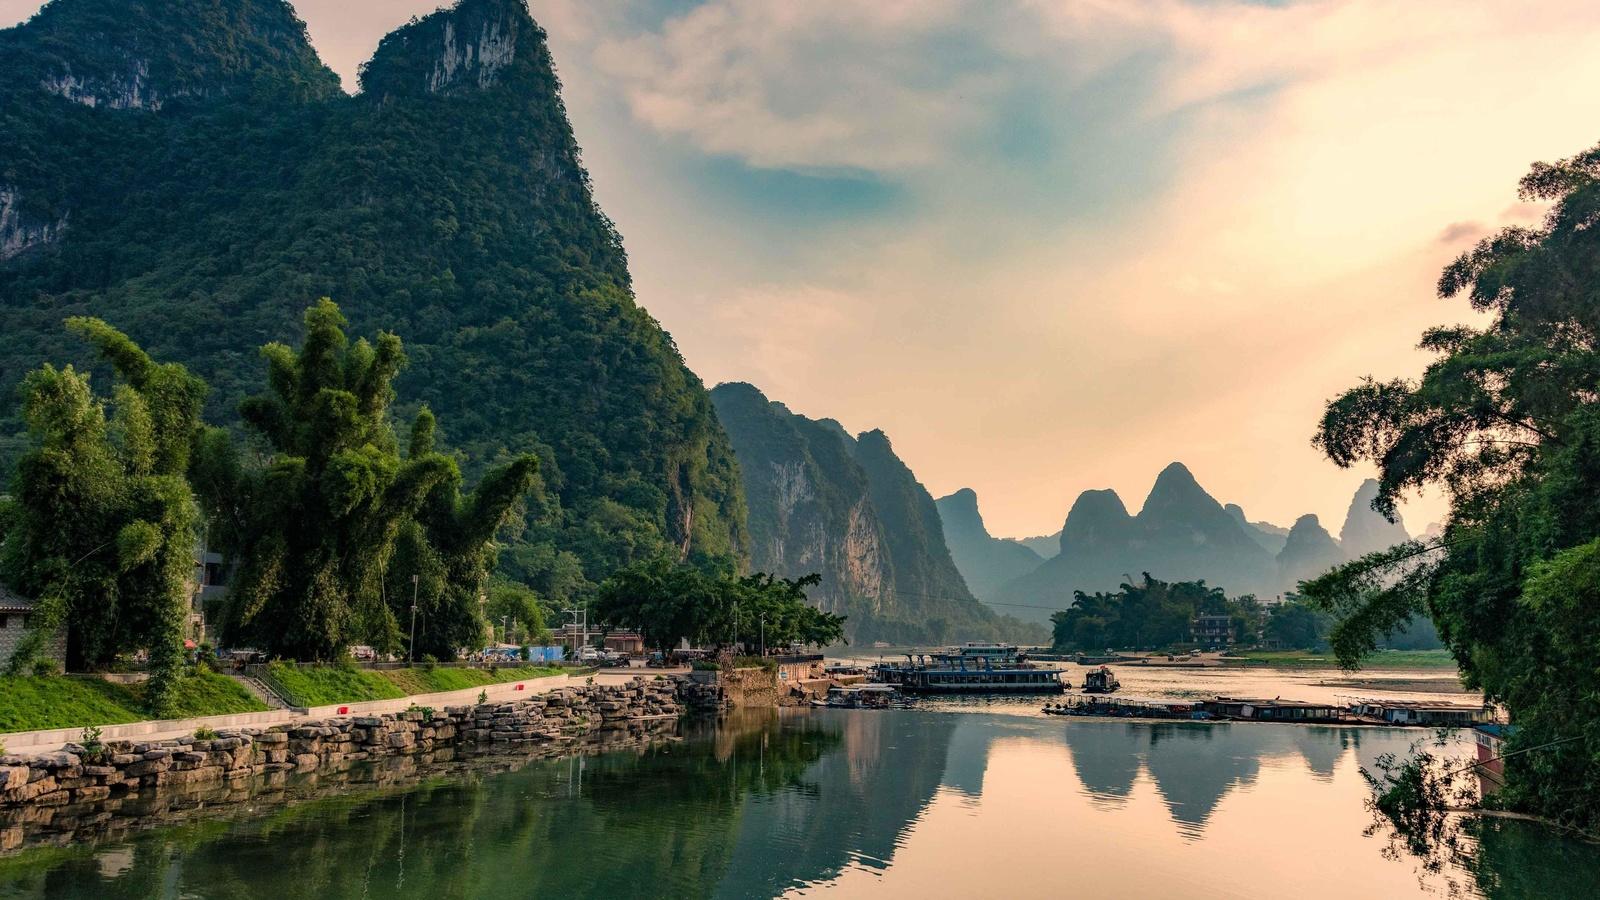 скалы, река, деревья, отражение